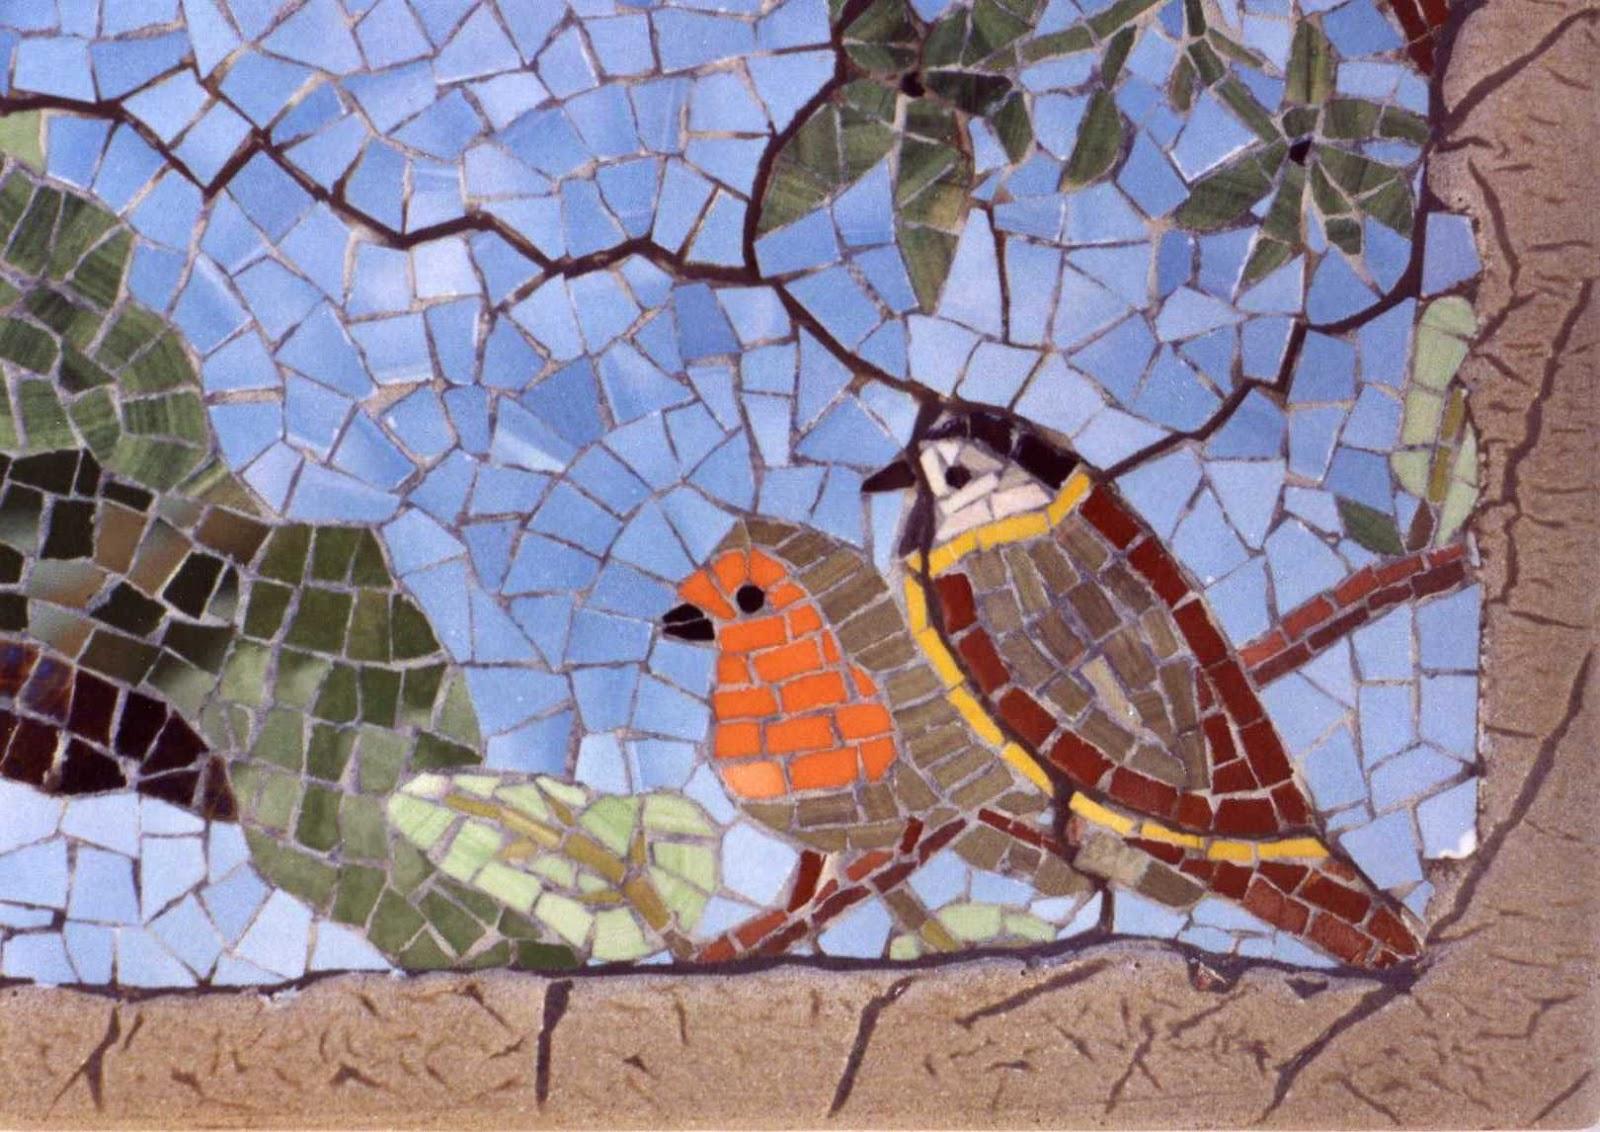 Ricardotecela mosaicos de pajaros el jilguero parte for El mural de mosaicos